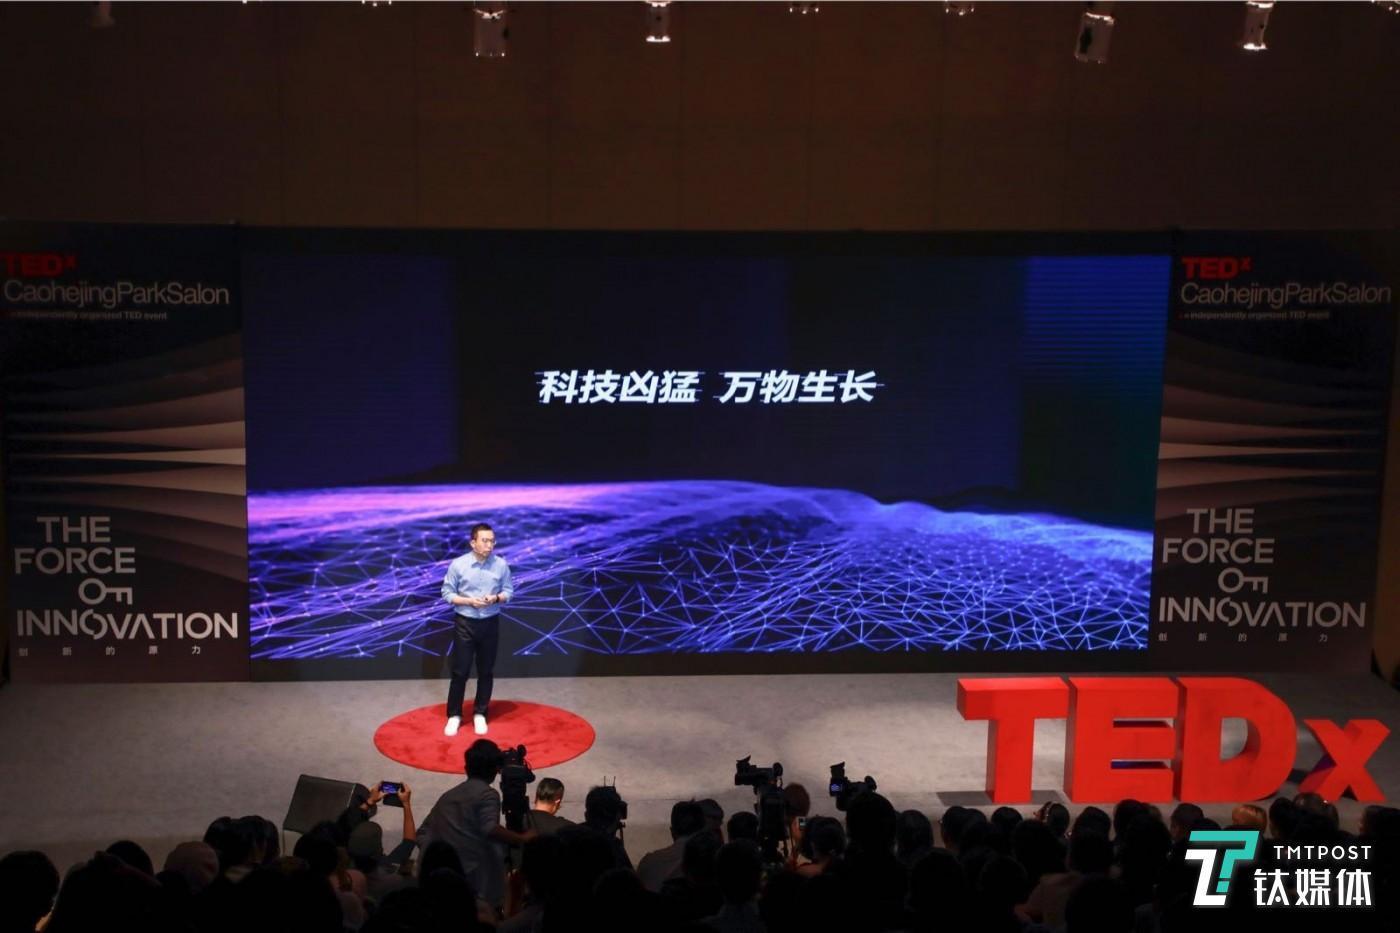 荣耀总裁赵明在TEDx上演讲